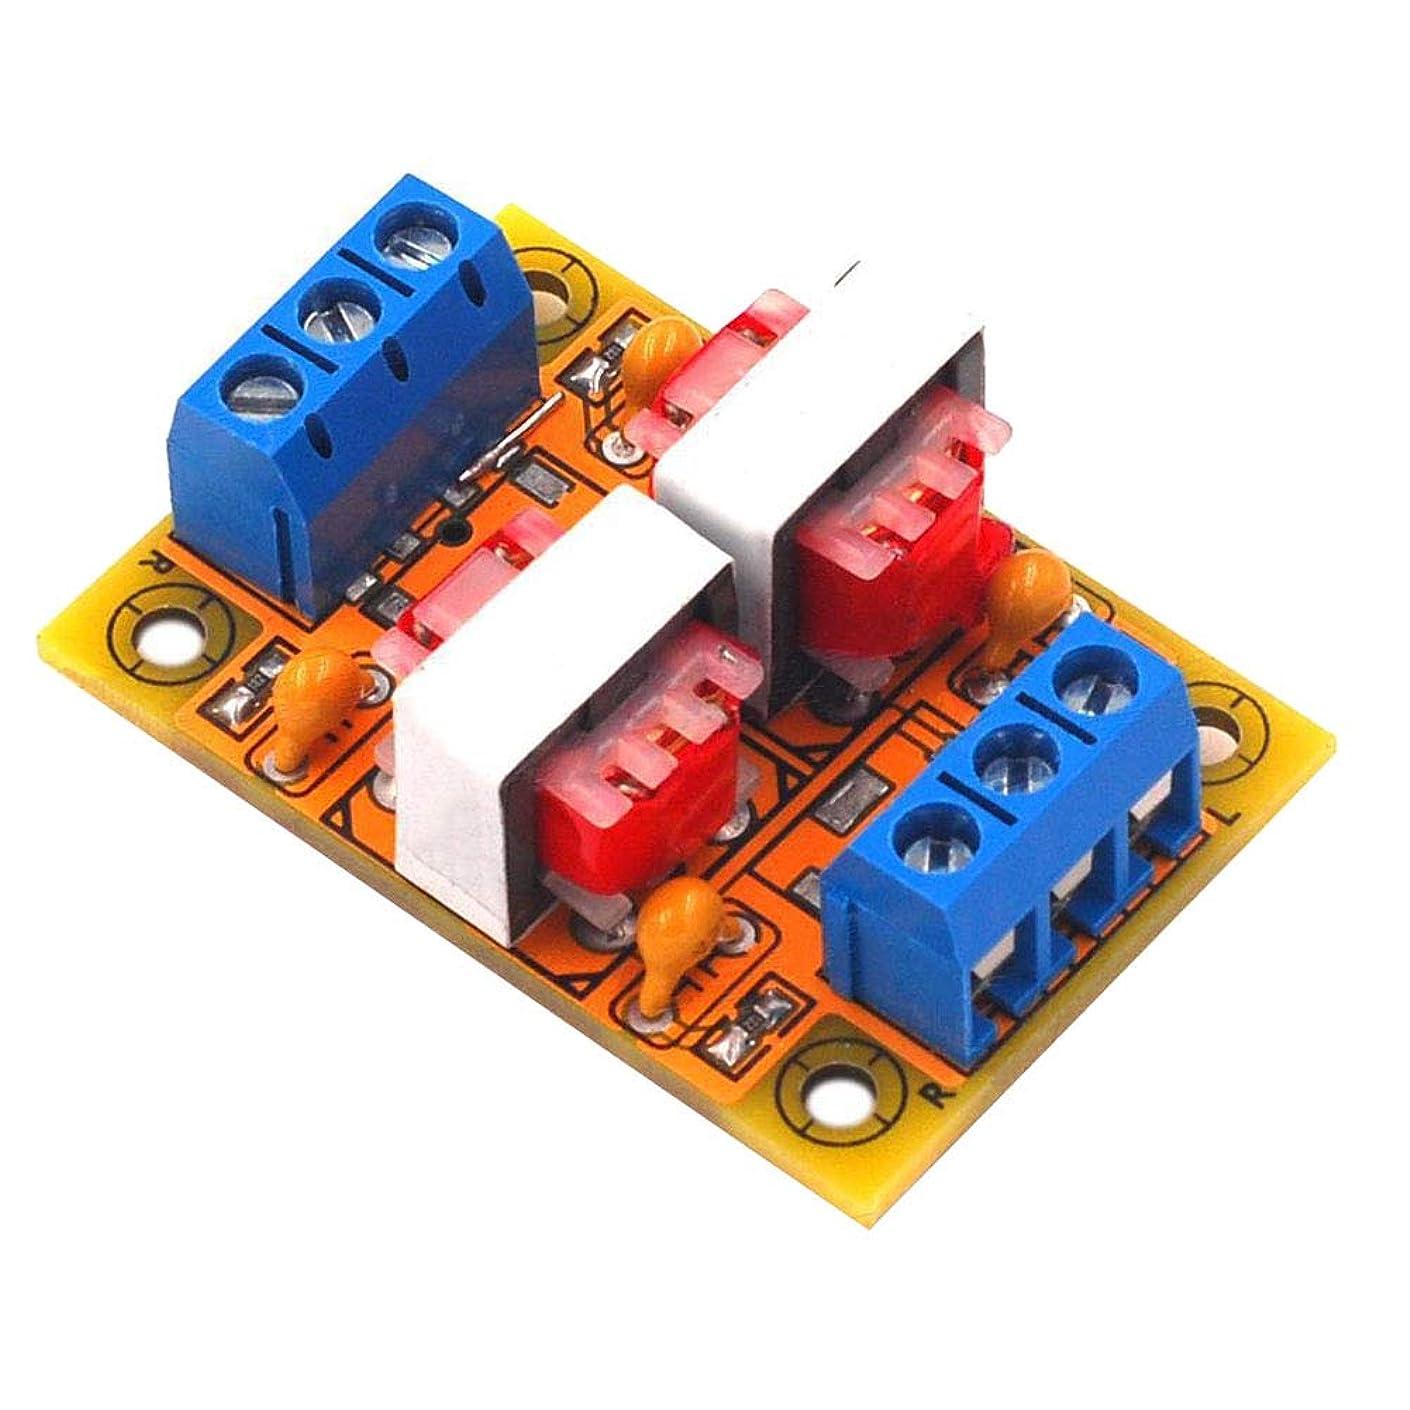 からかうアラバマモナリザAudio Isolator High Sensitivity HIFI Stereo Filter Interference Eliminate Noise